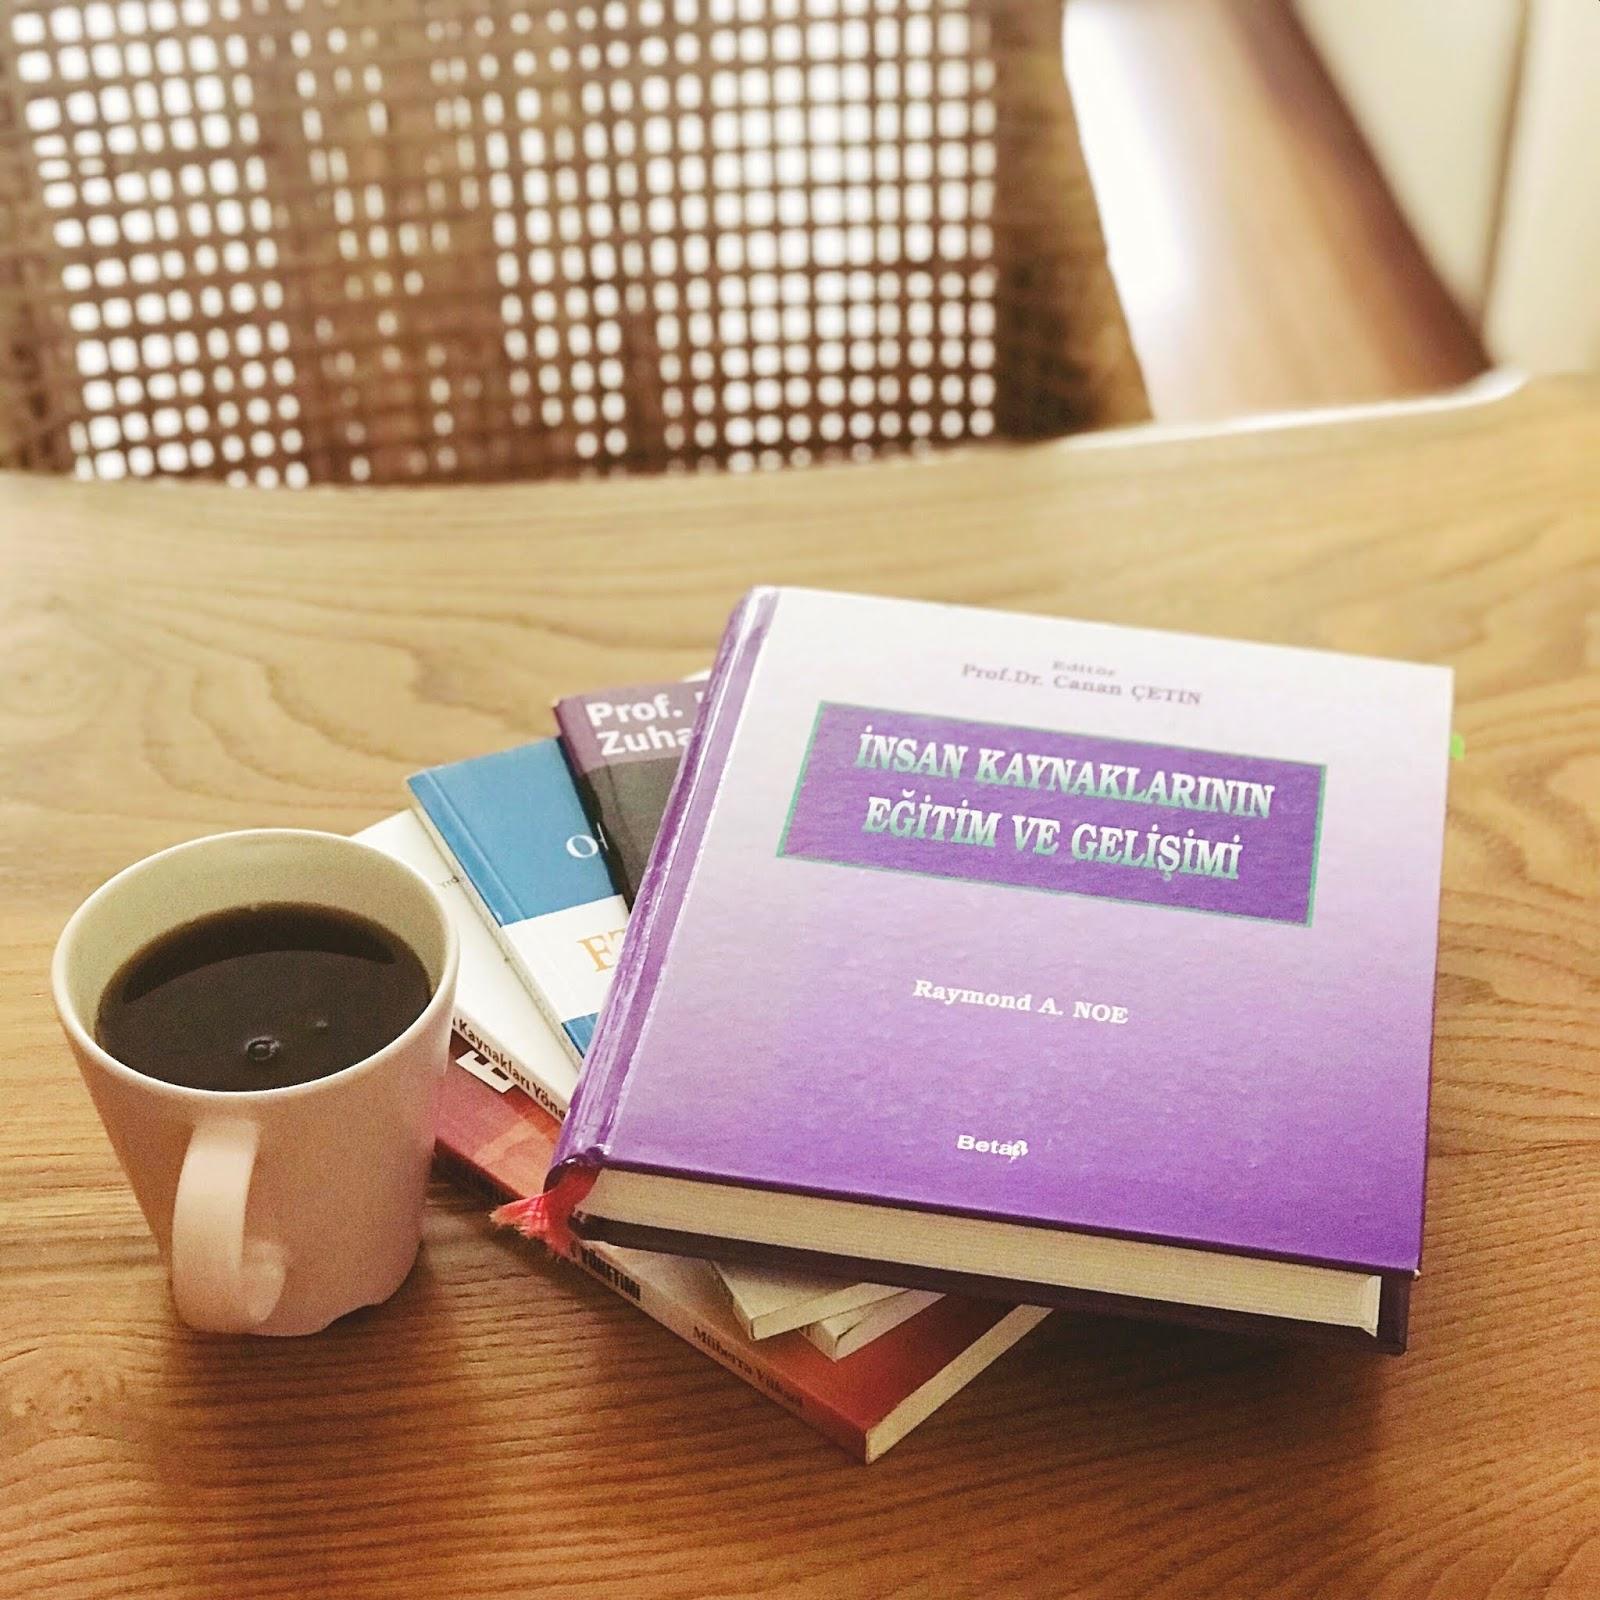 Insan Kaynaklari Yonetiminde Egitim ve Gelisim Ile Ilgili Kitaplar (1/2) (Kitap)